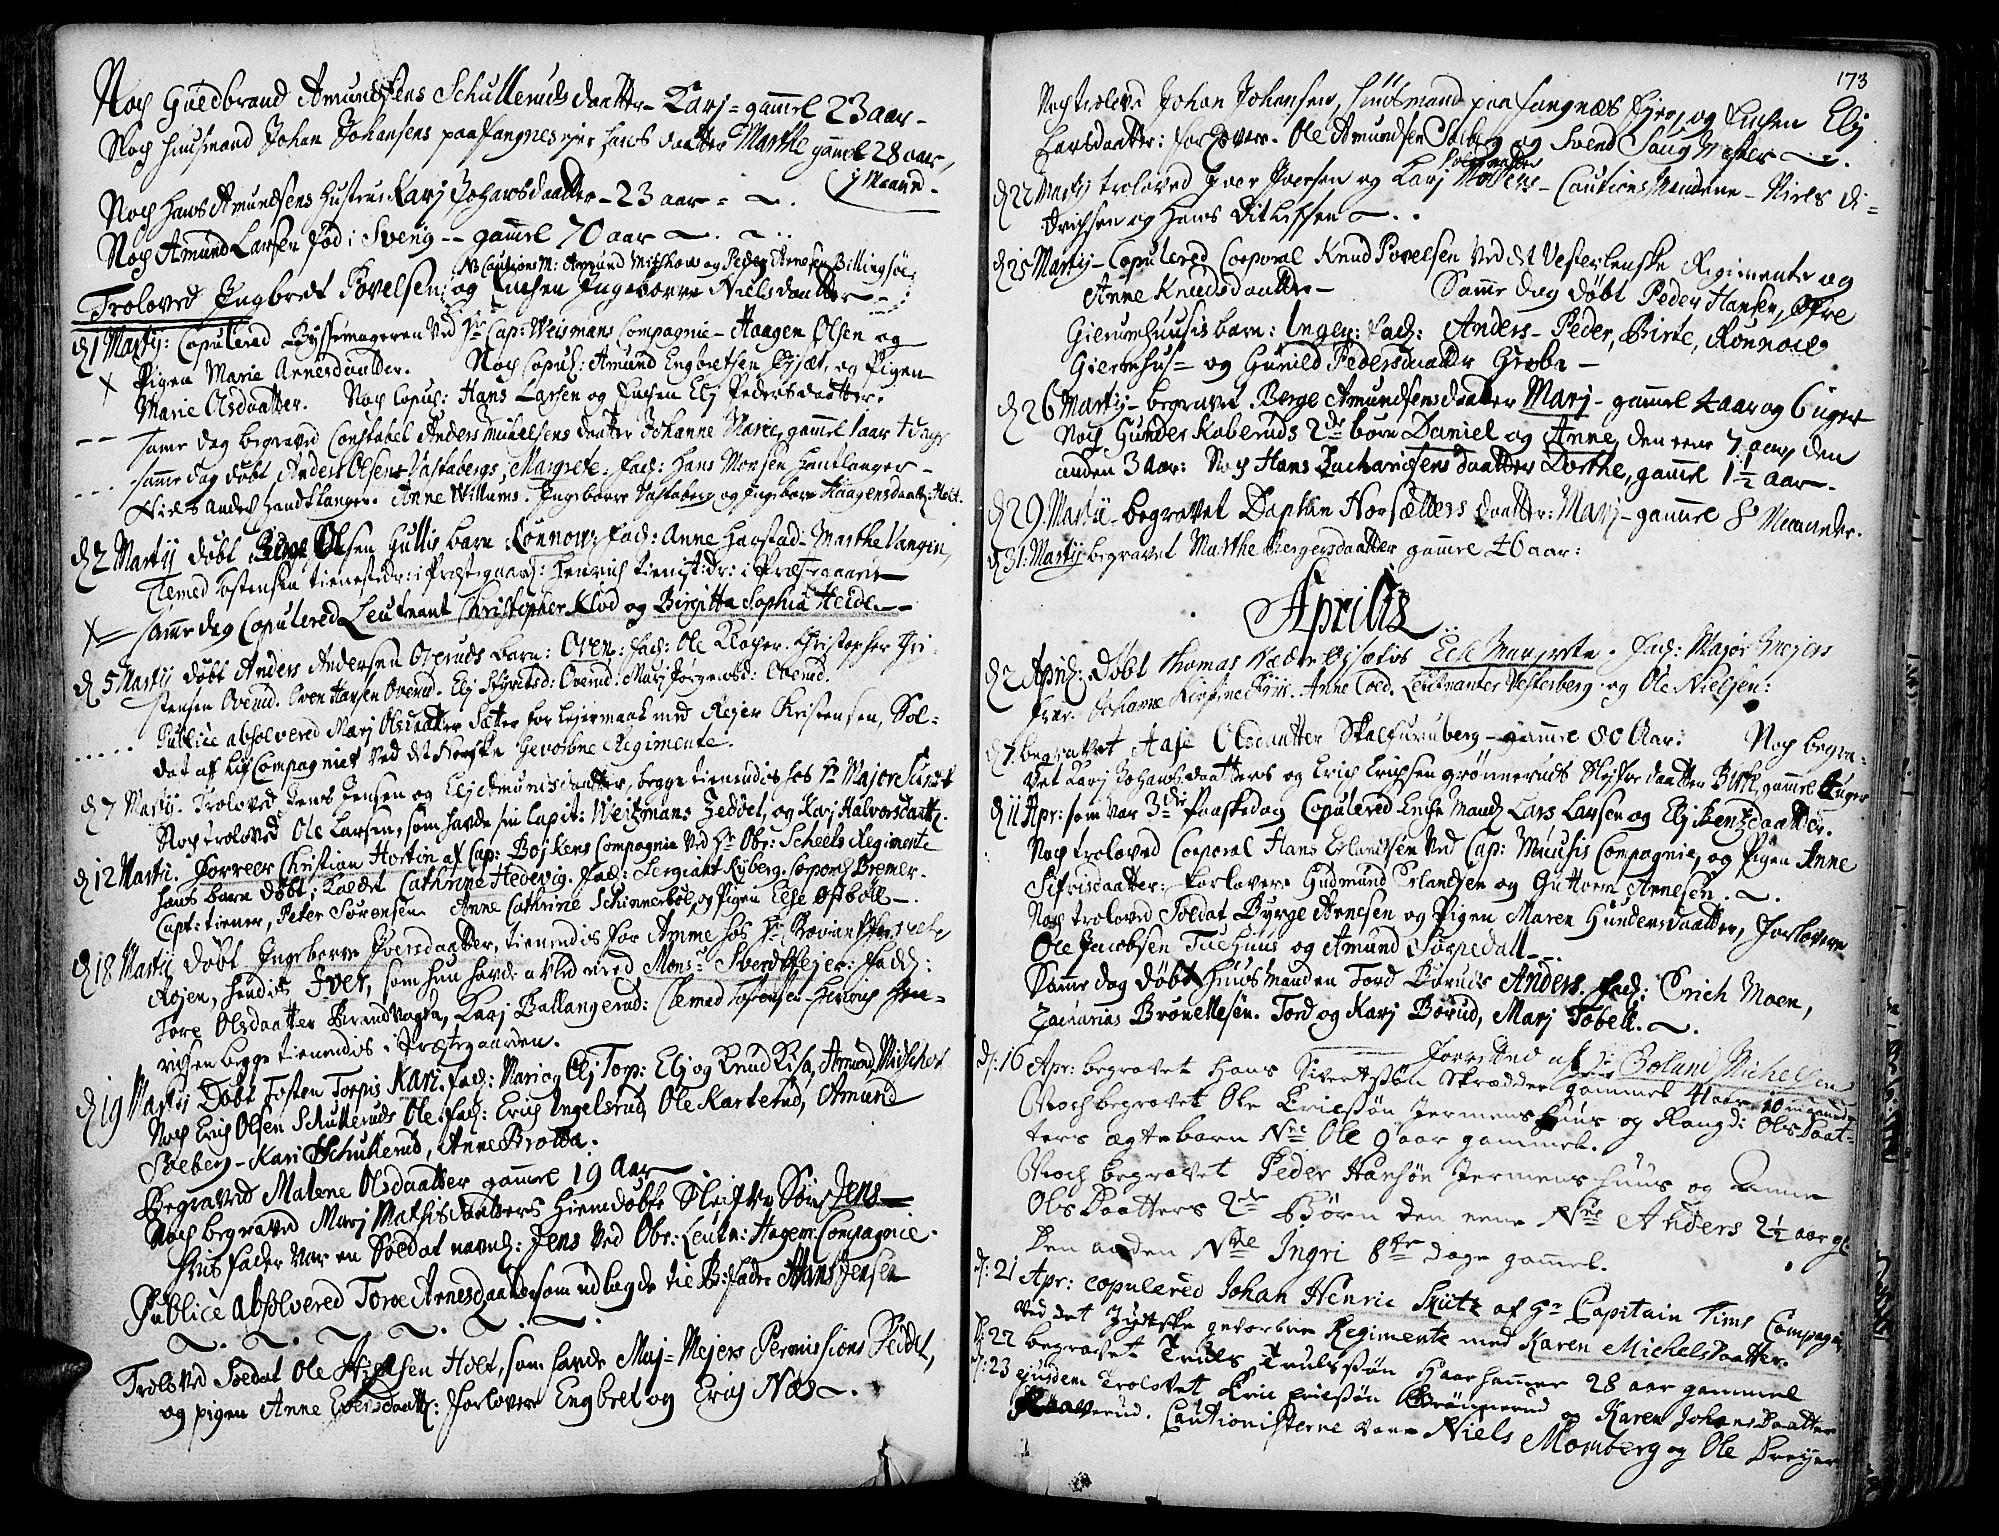 SAH, Vinger prestekontor, Ministerialbok nr. 1, 1689-1729, s. 173